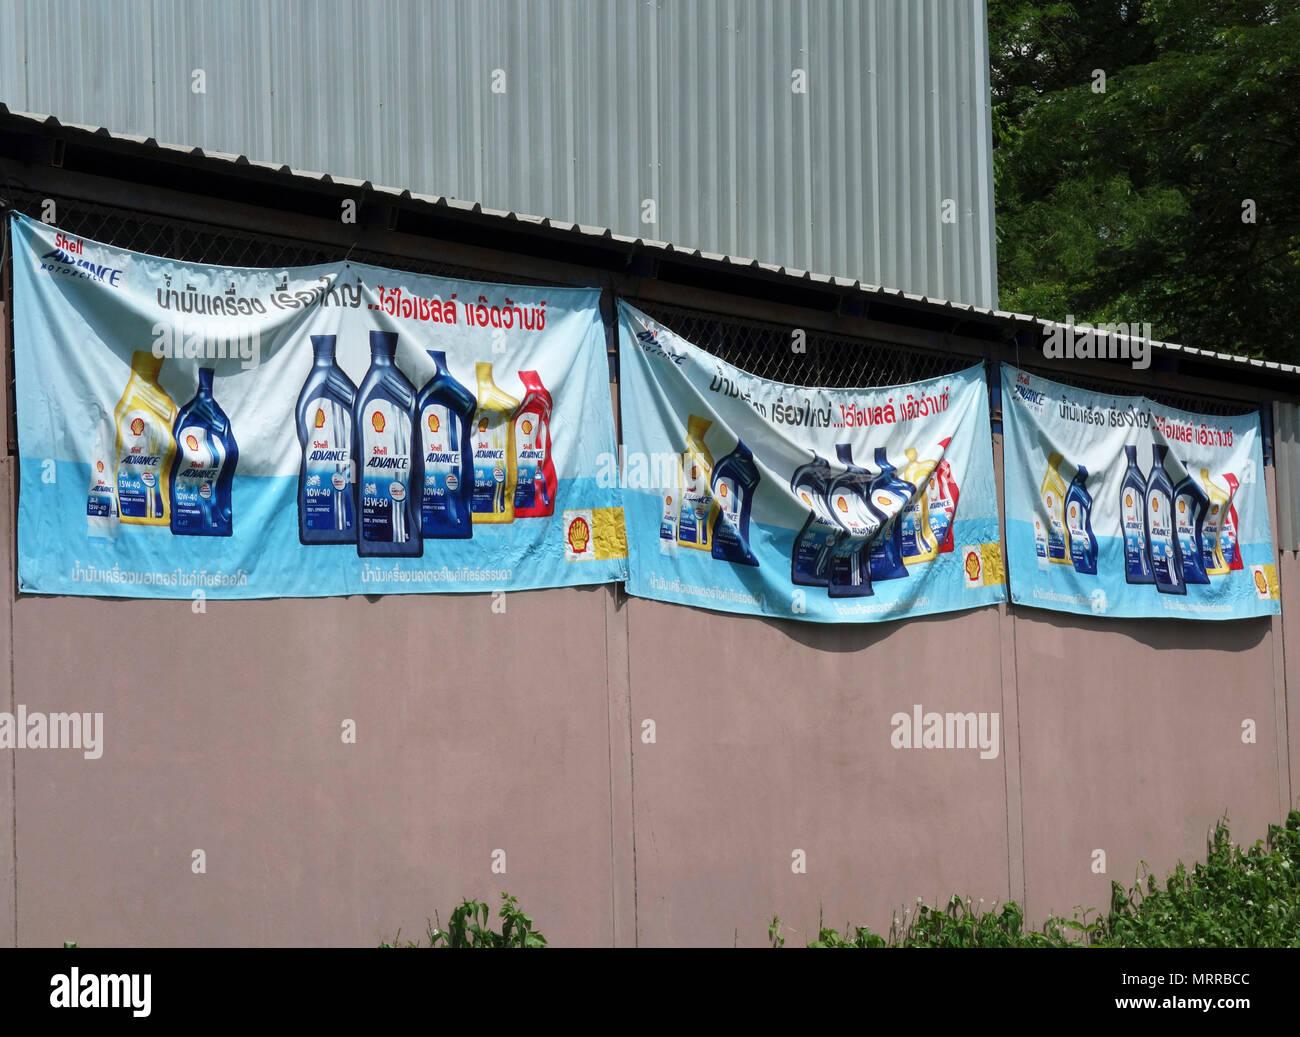 Outdoor Advertising Stock Photos & Outdoor Advertising Stock